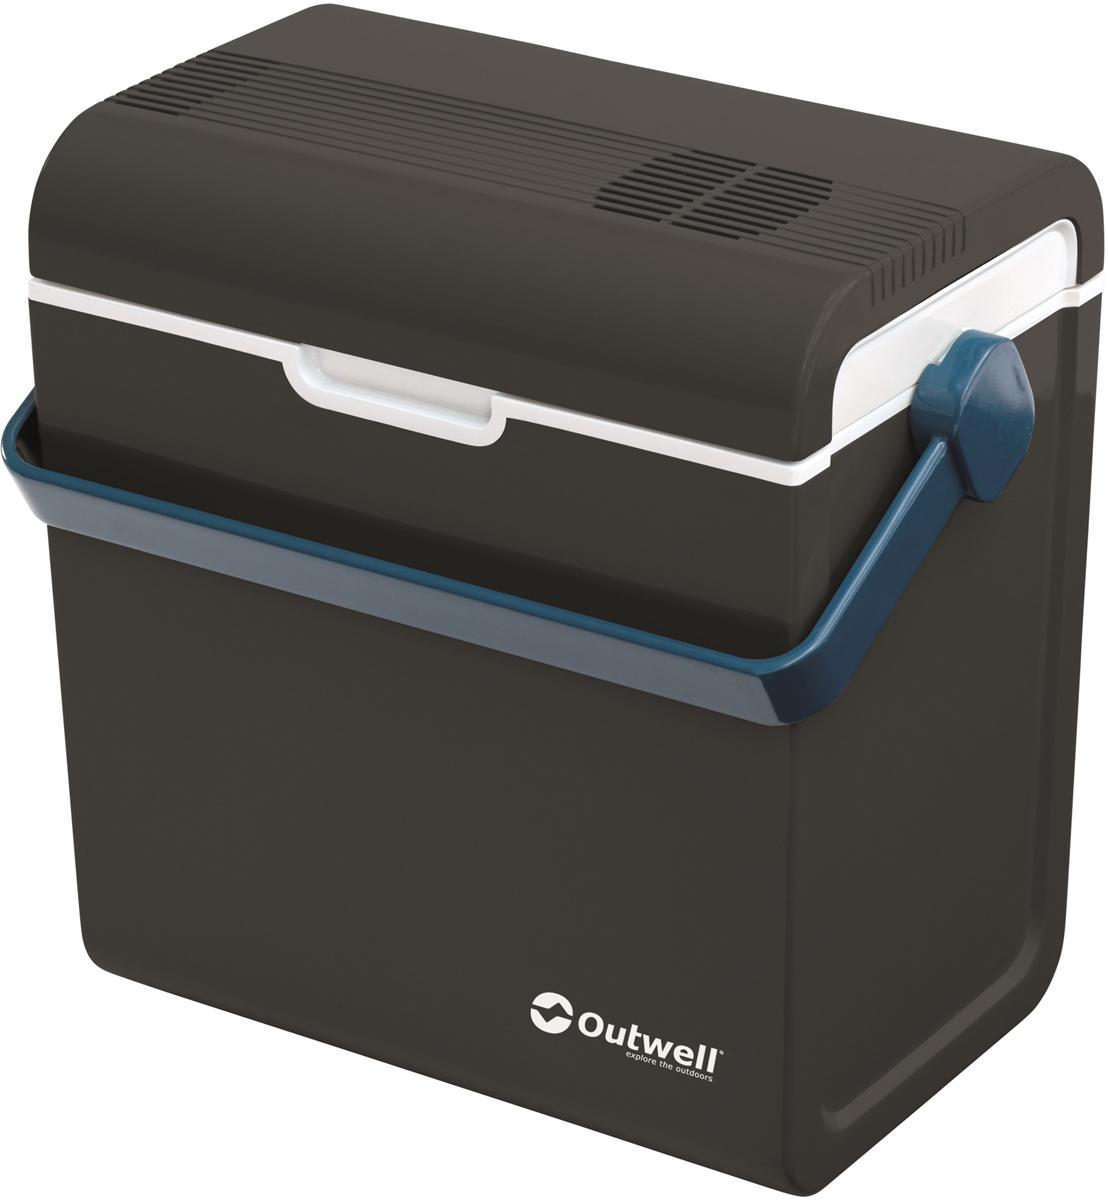 """Холодильник портативный Outwell """"ECOcool Lite Black"""", цвет: черный, 38 х 24.5 х 42 см, 24 л"""